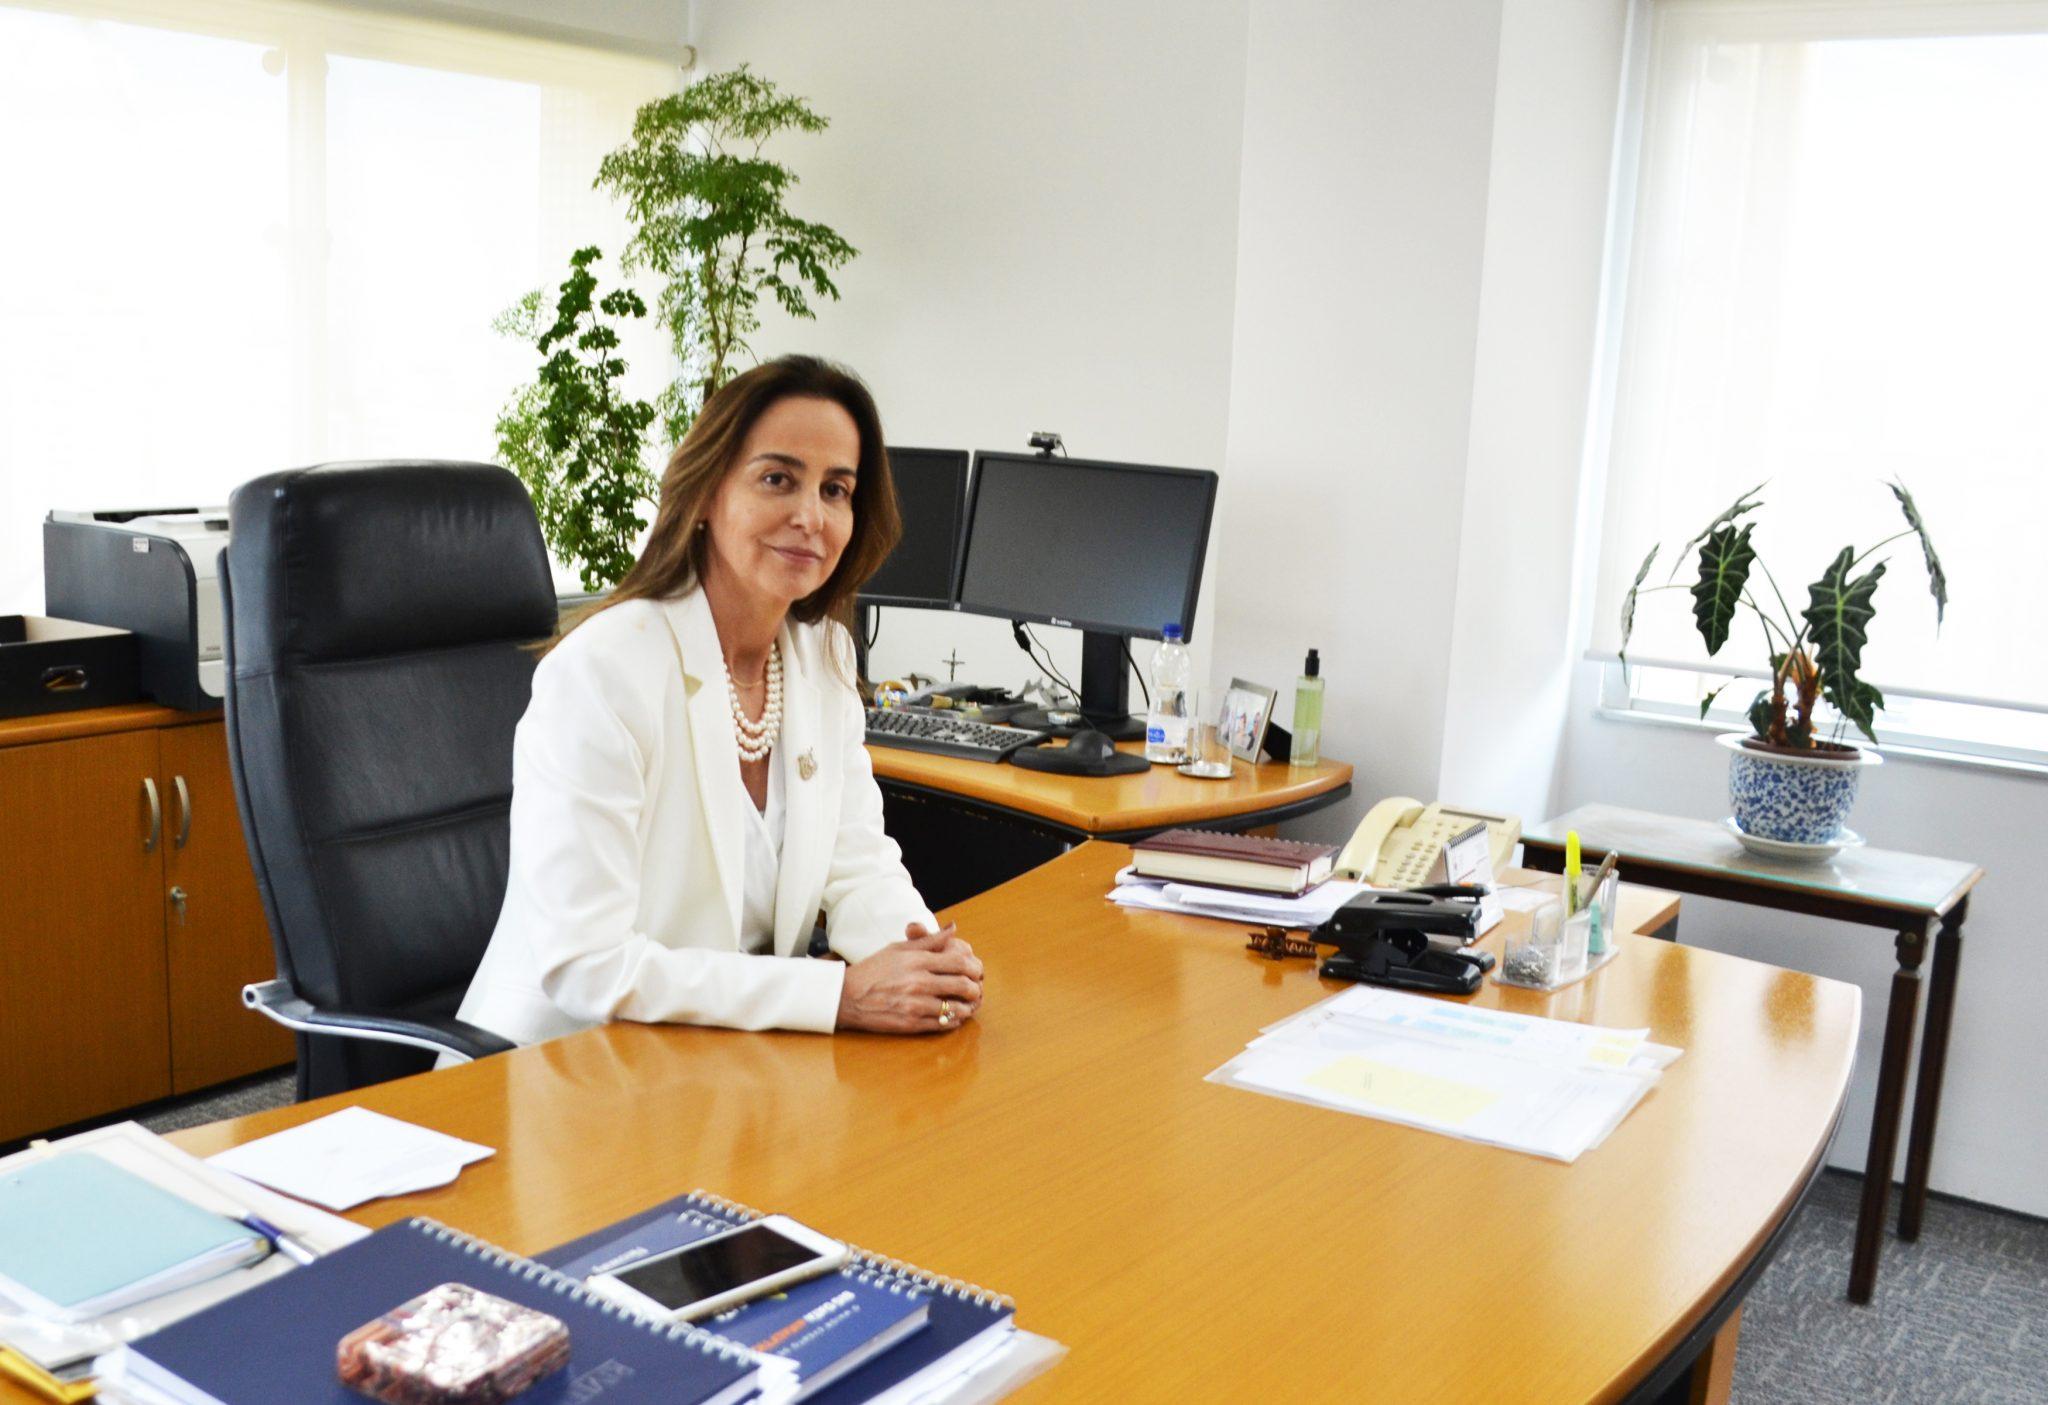 A Procuradora Geral Maria Lia Pinto Porto Corona